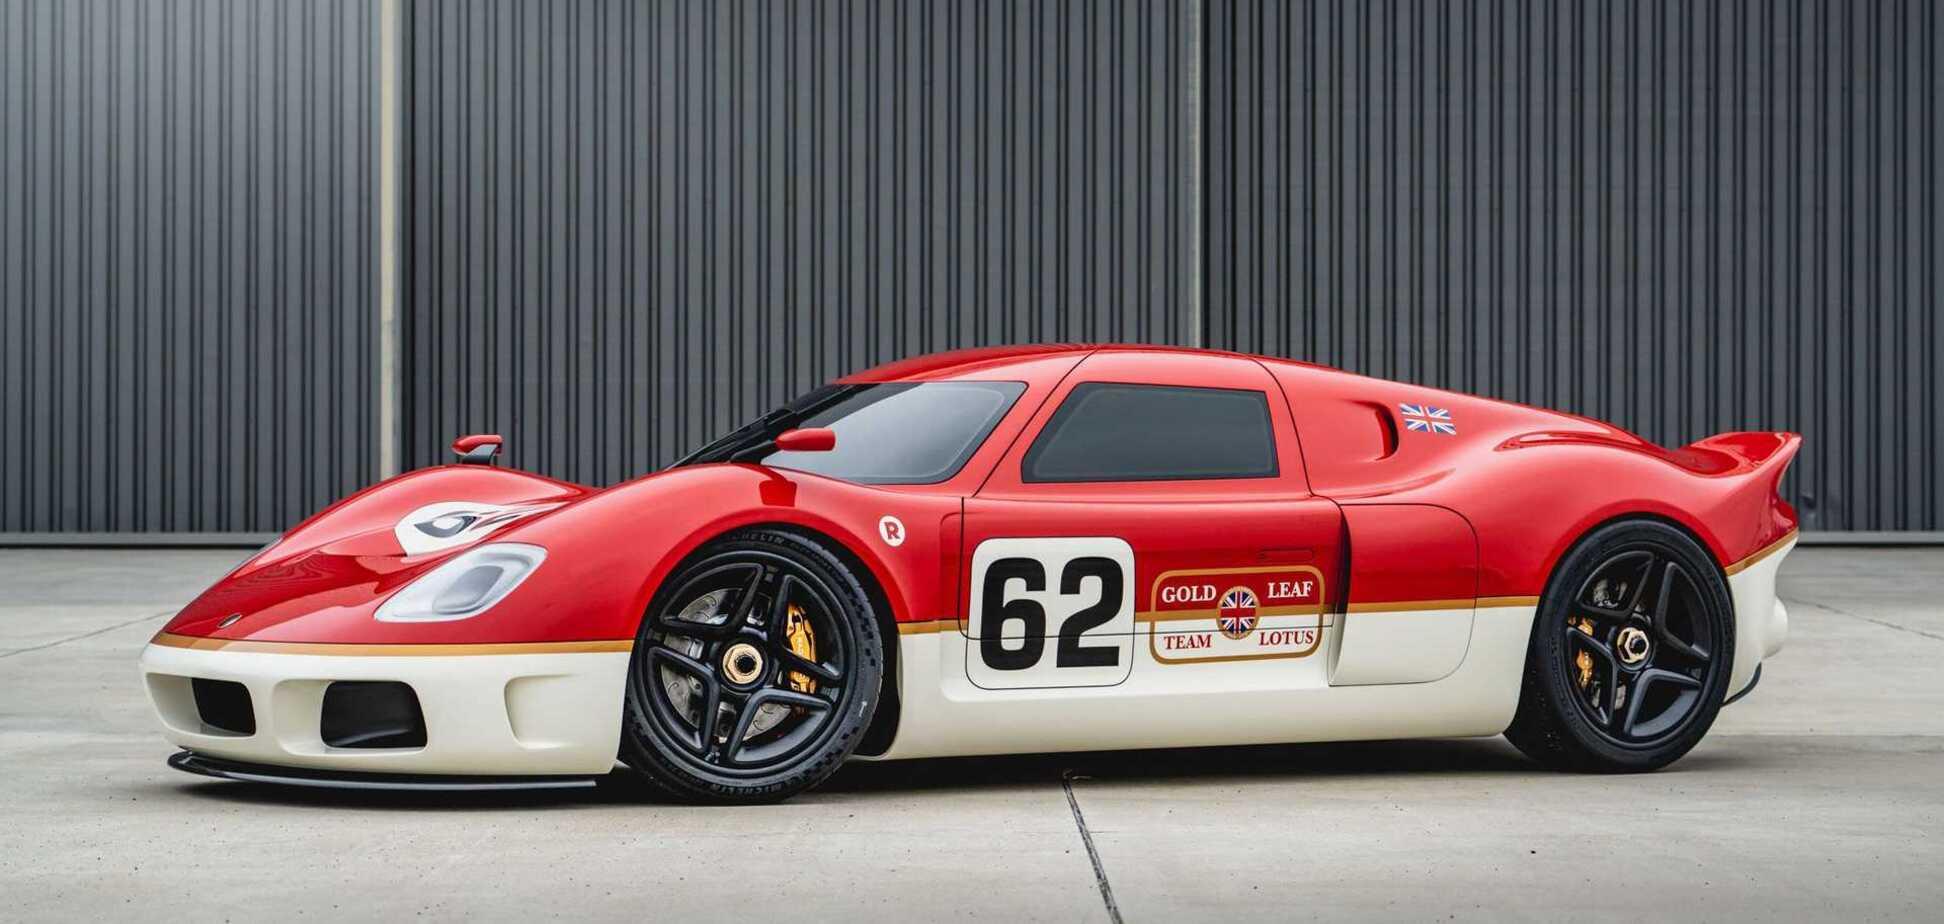 У Radford поділилися новими подробицями про рестомод Lotus 62-2